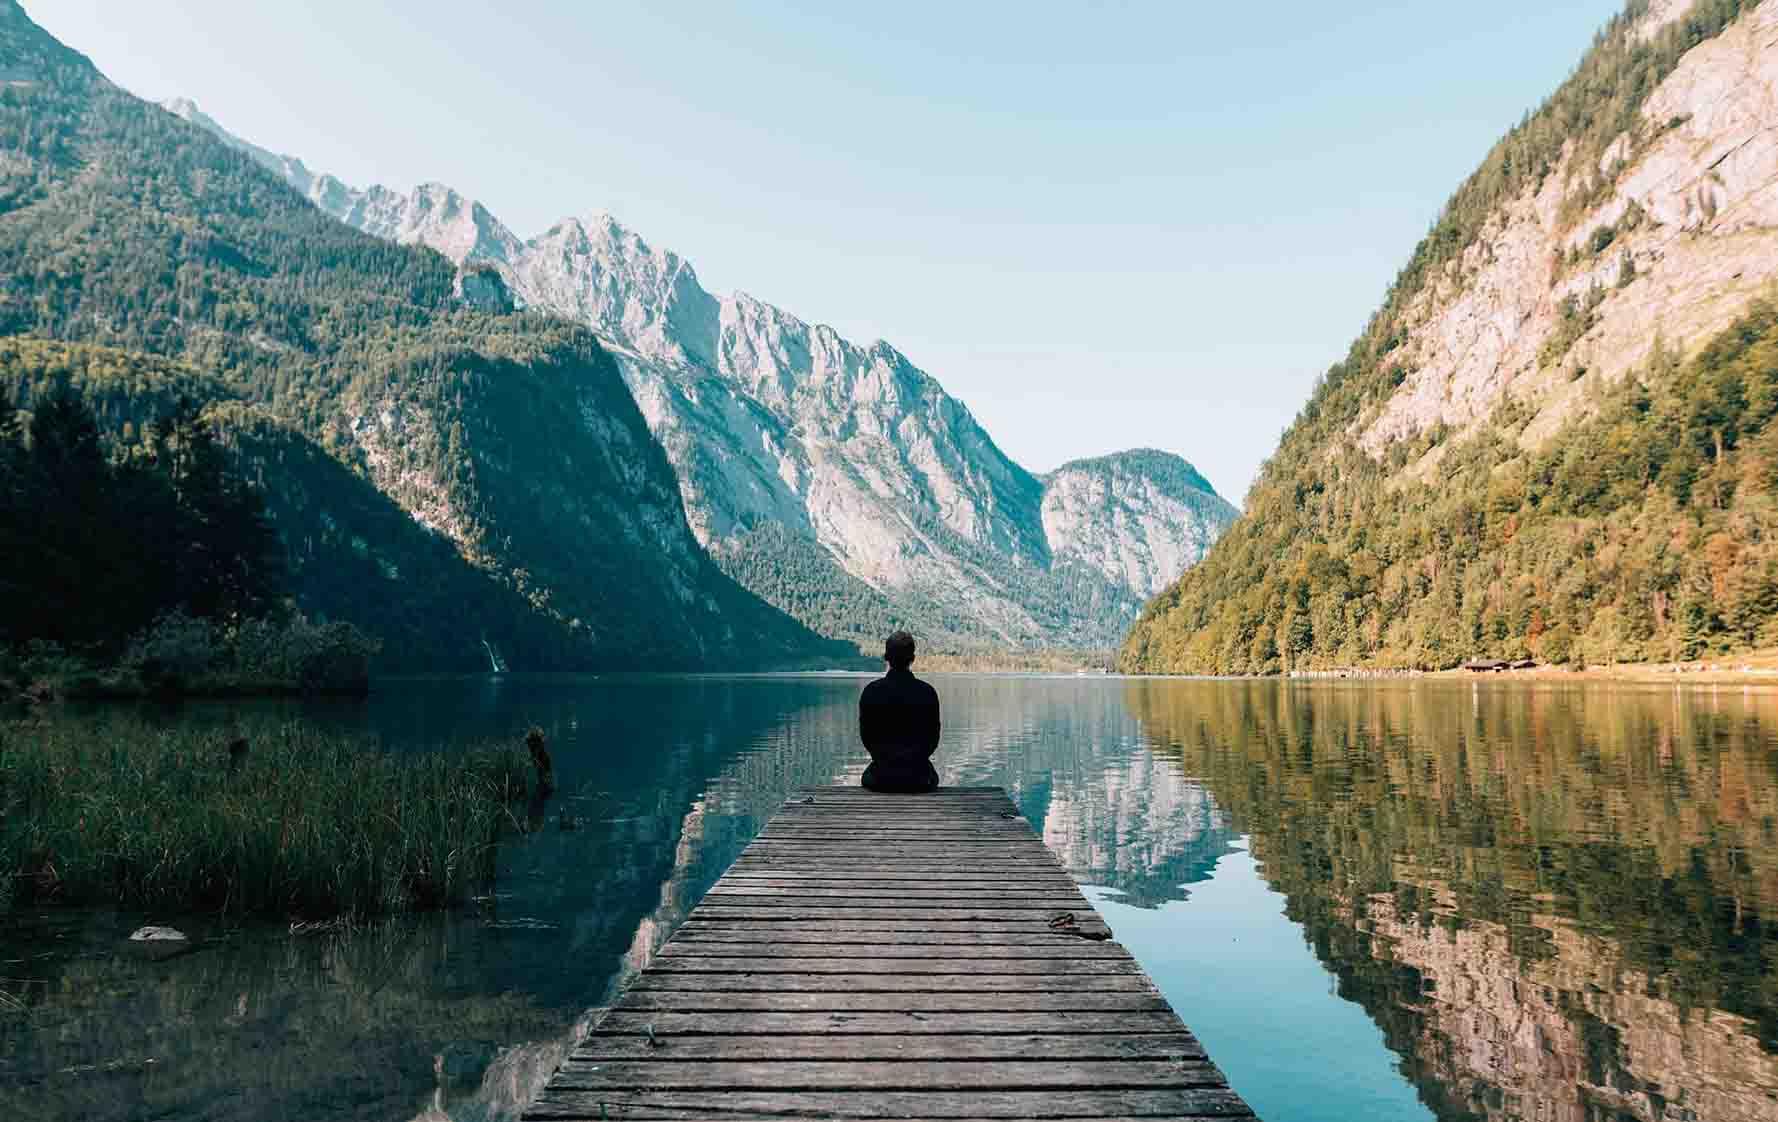 Im Urlaub vom stressigen Job erholen